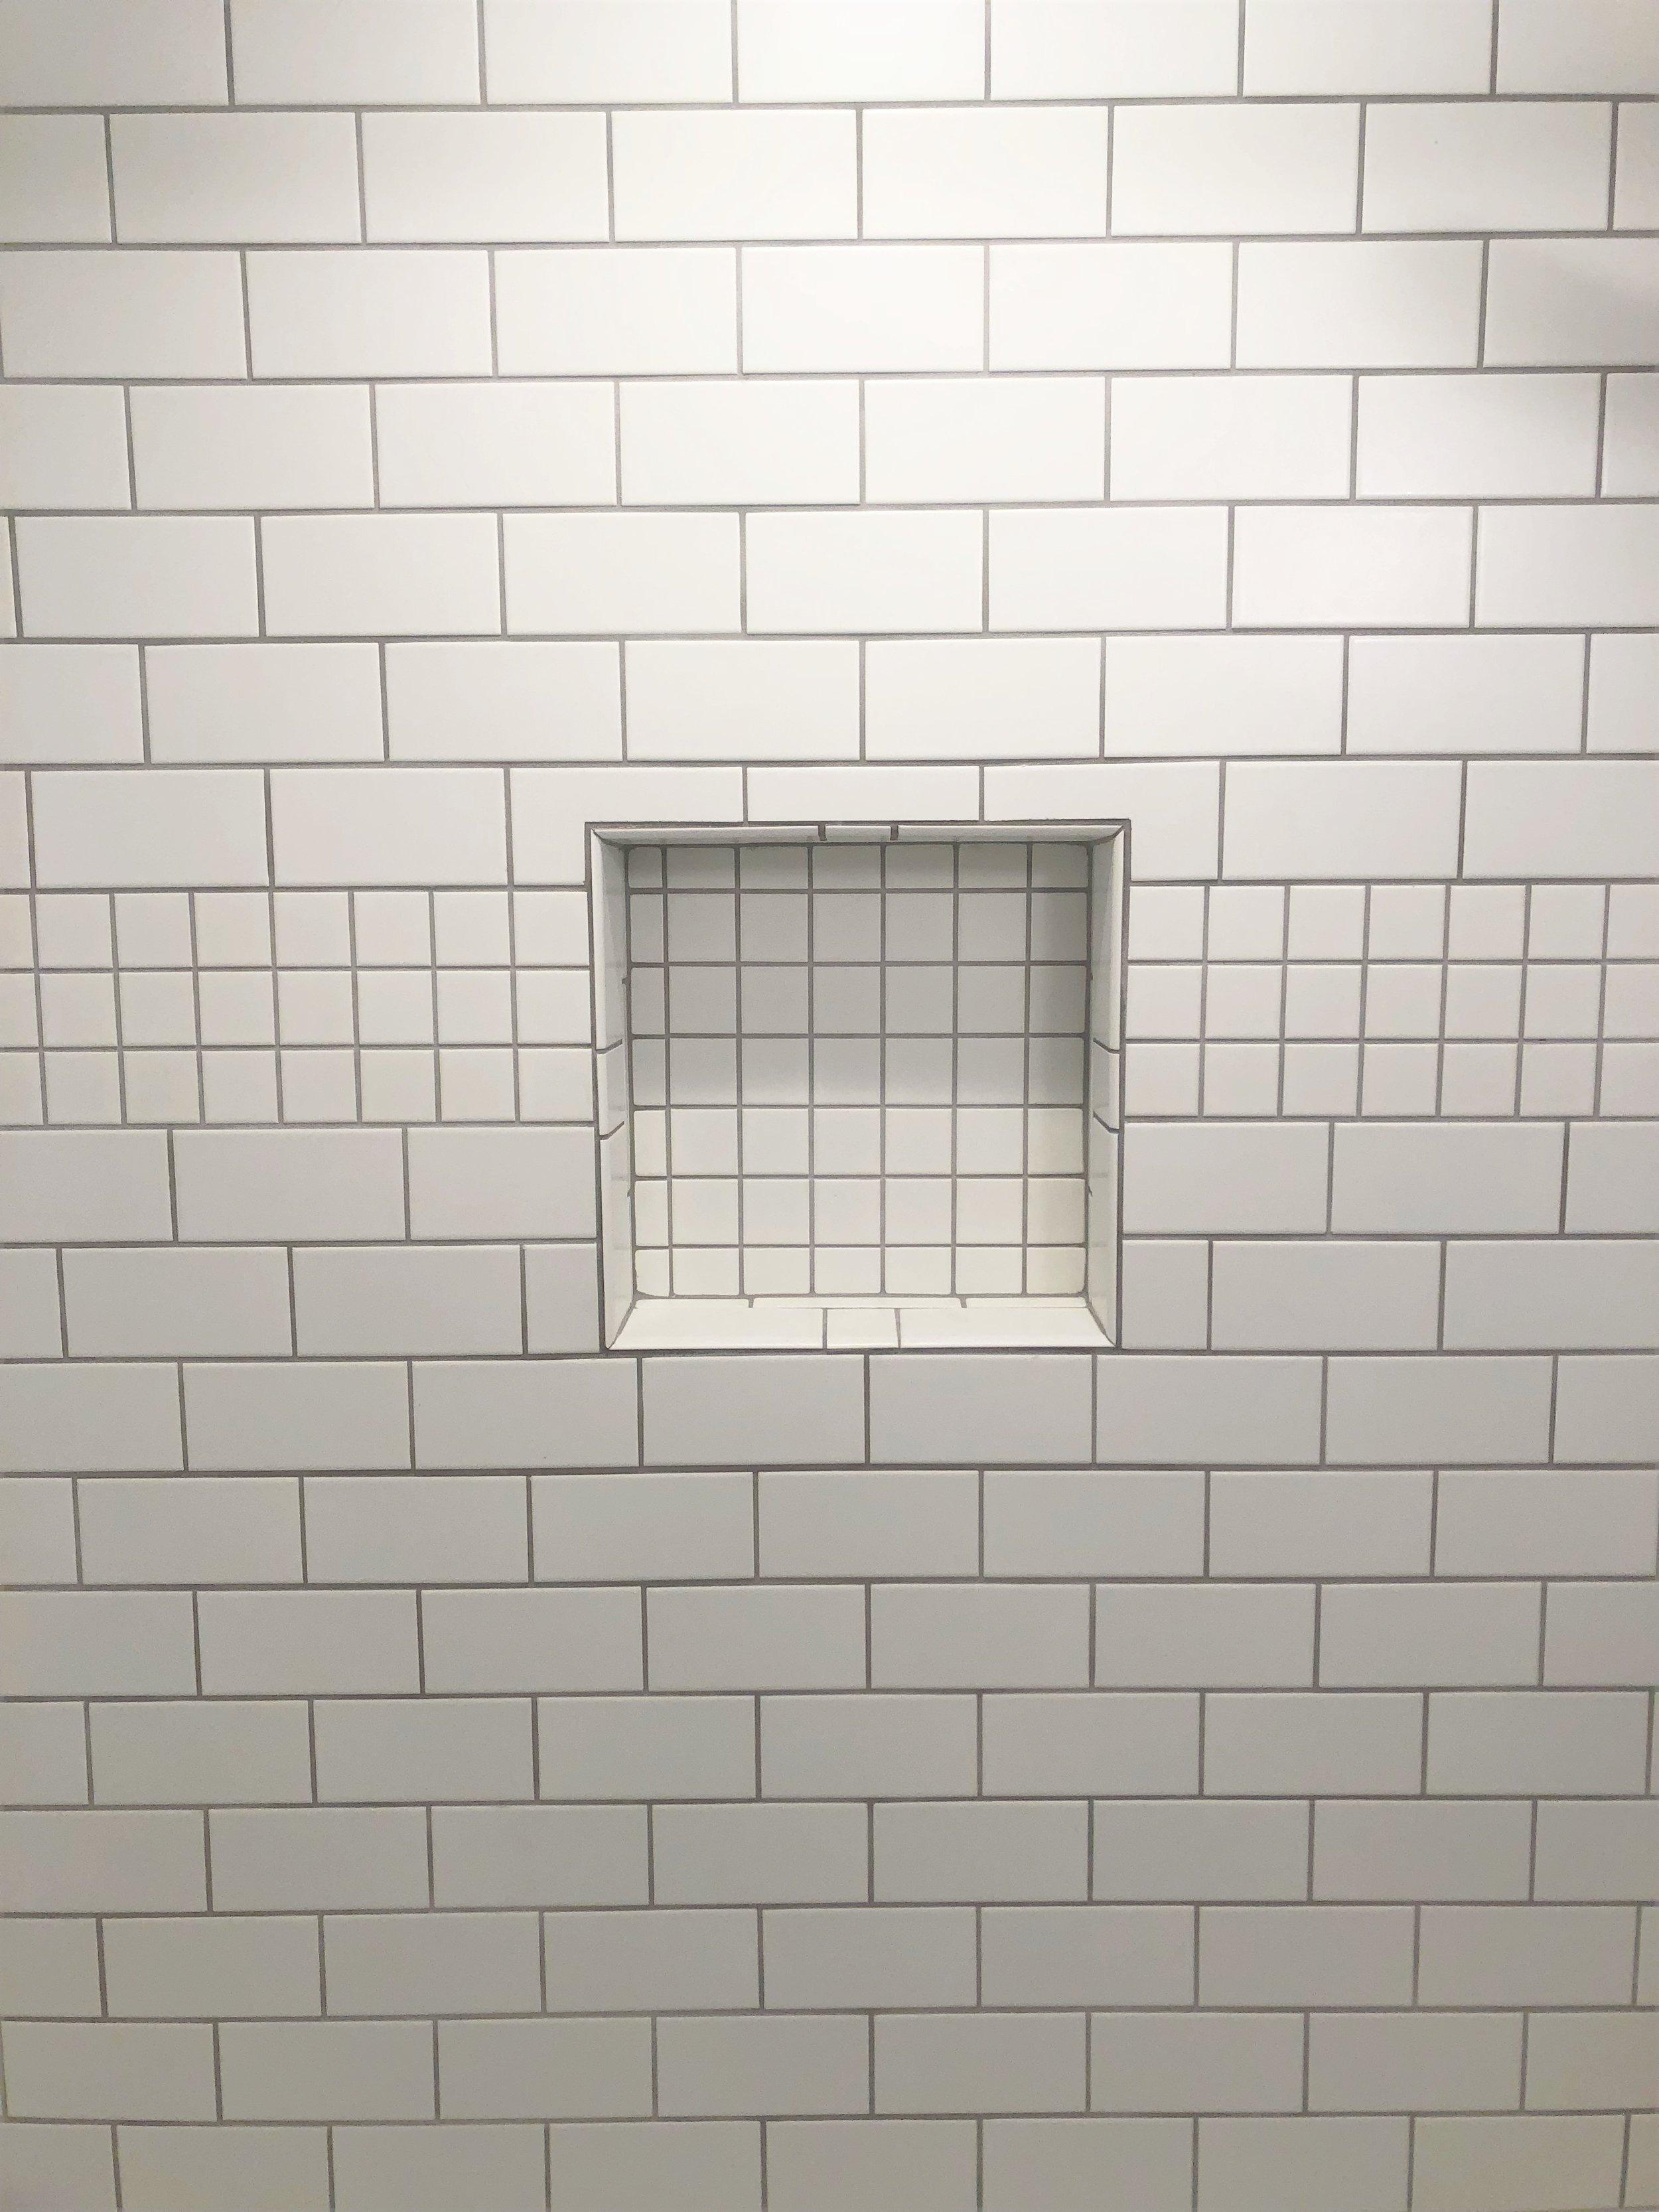 Shower shelf design